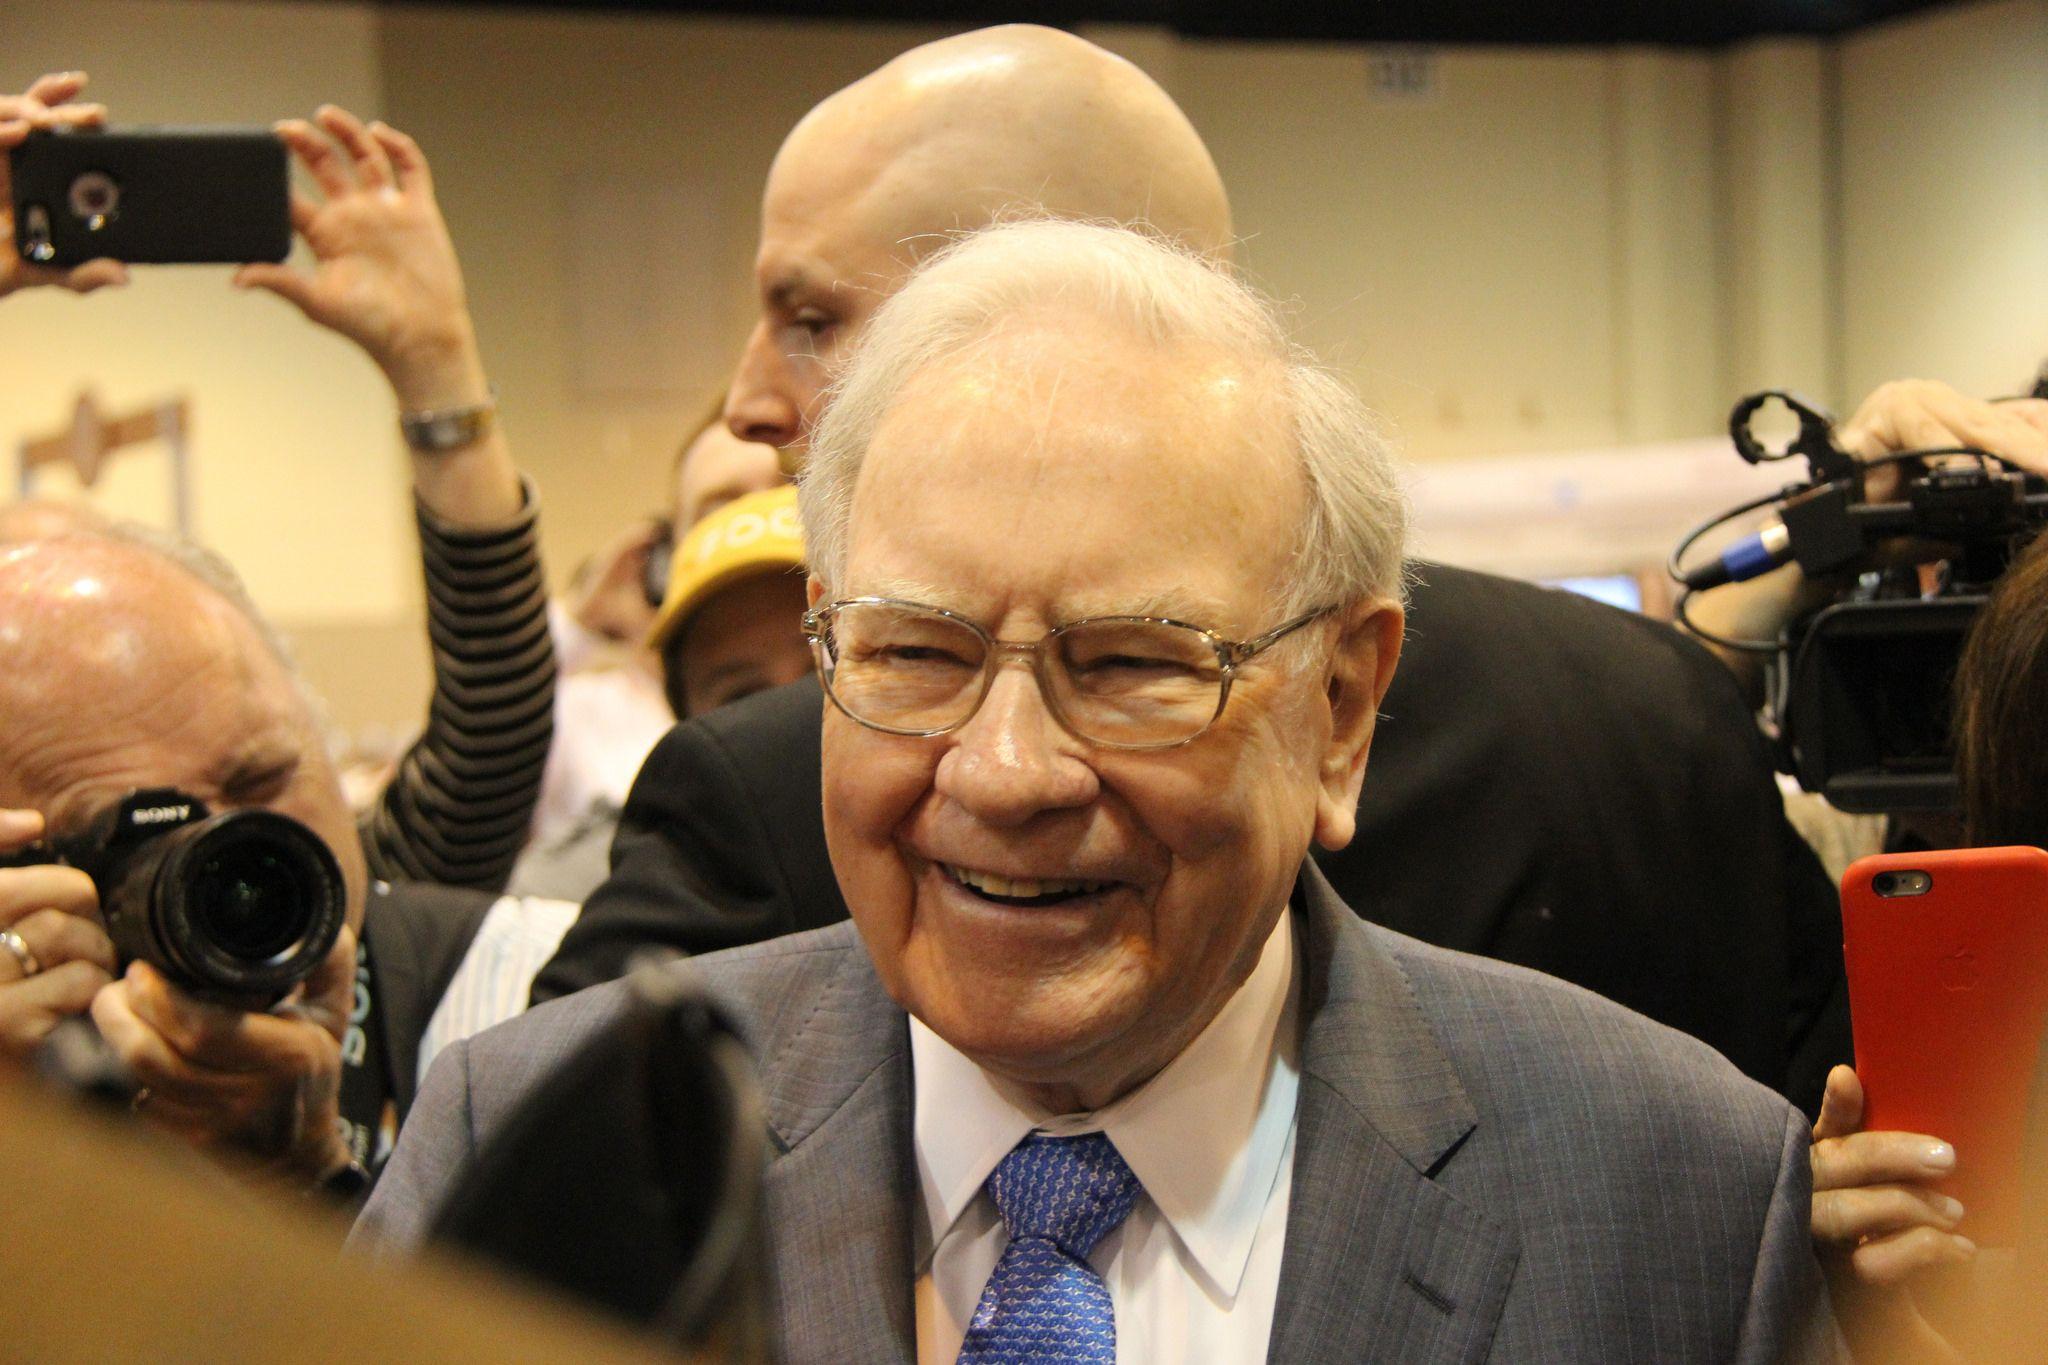 Warren Buffett in a suit, speaking to reporters.